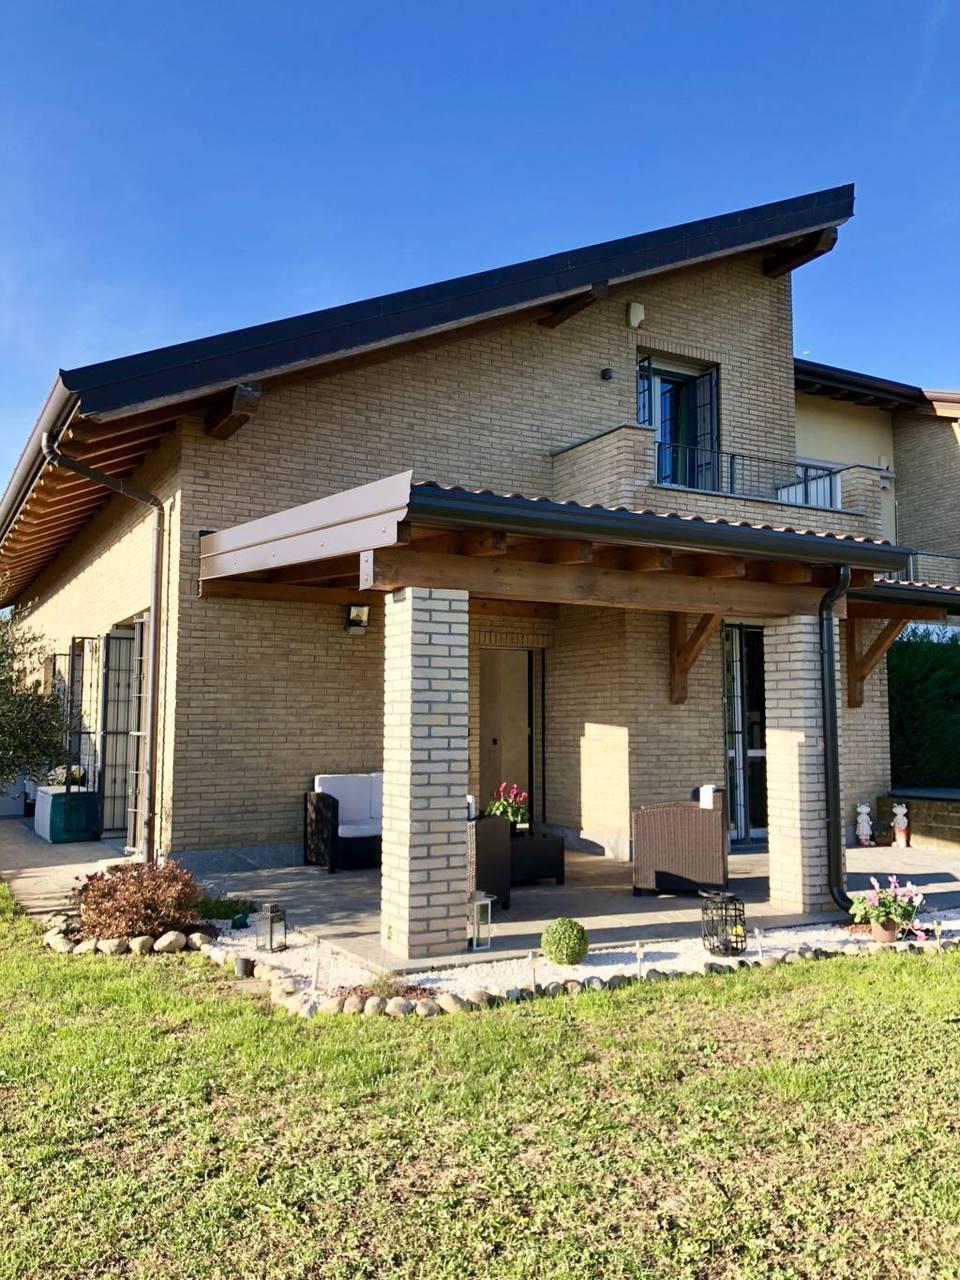 Villa-di-testa-in-vendita-a-Sulbiate-giardino-1.660-mq-15